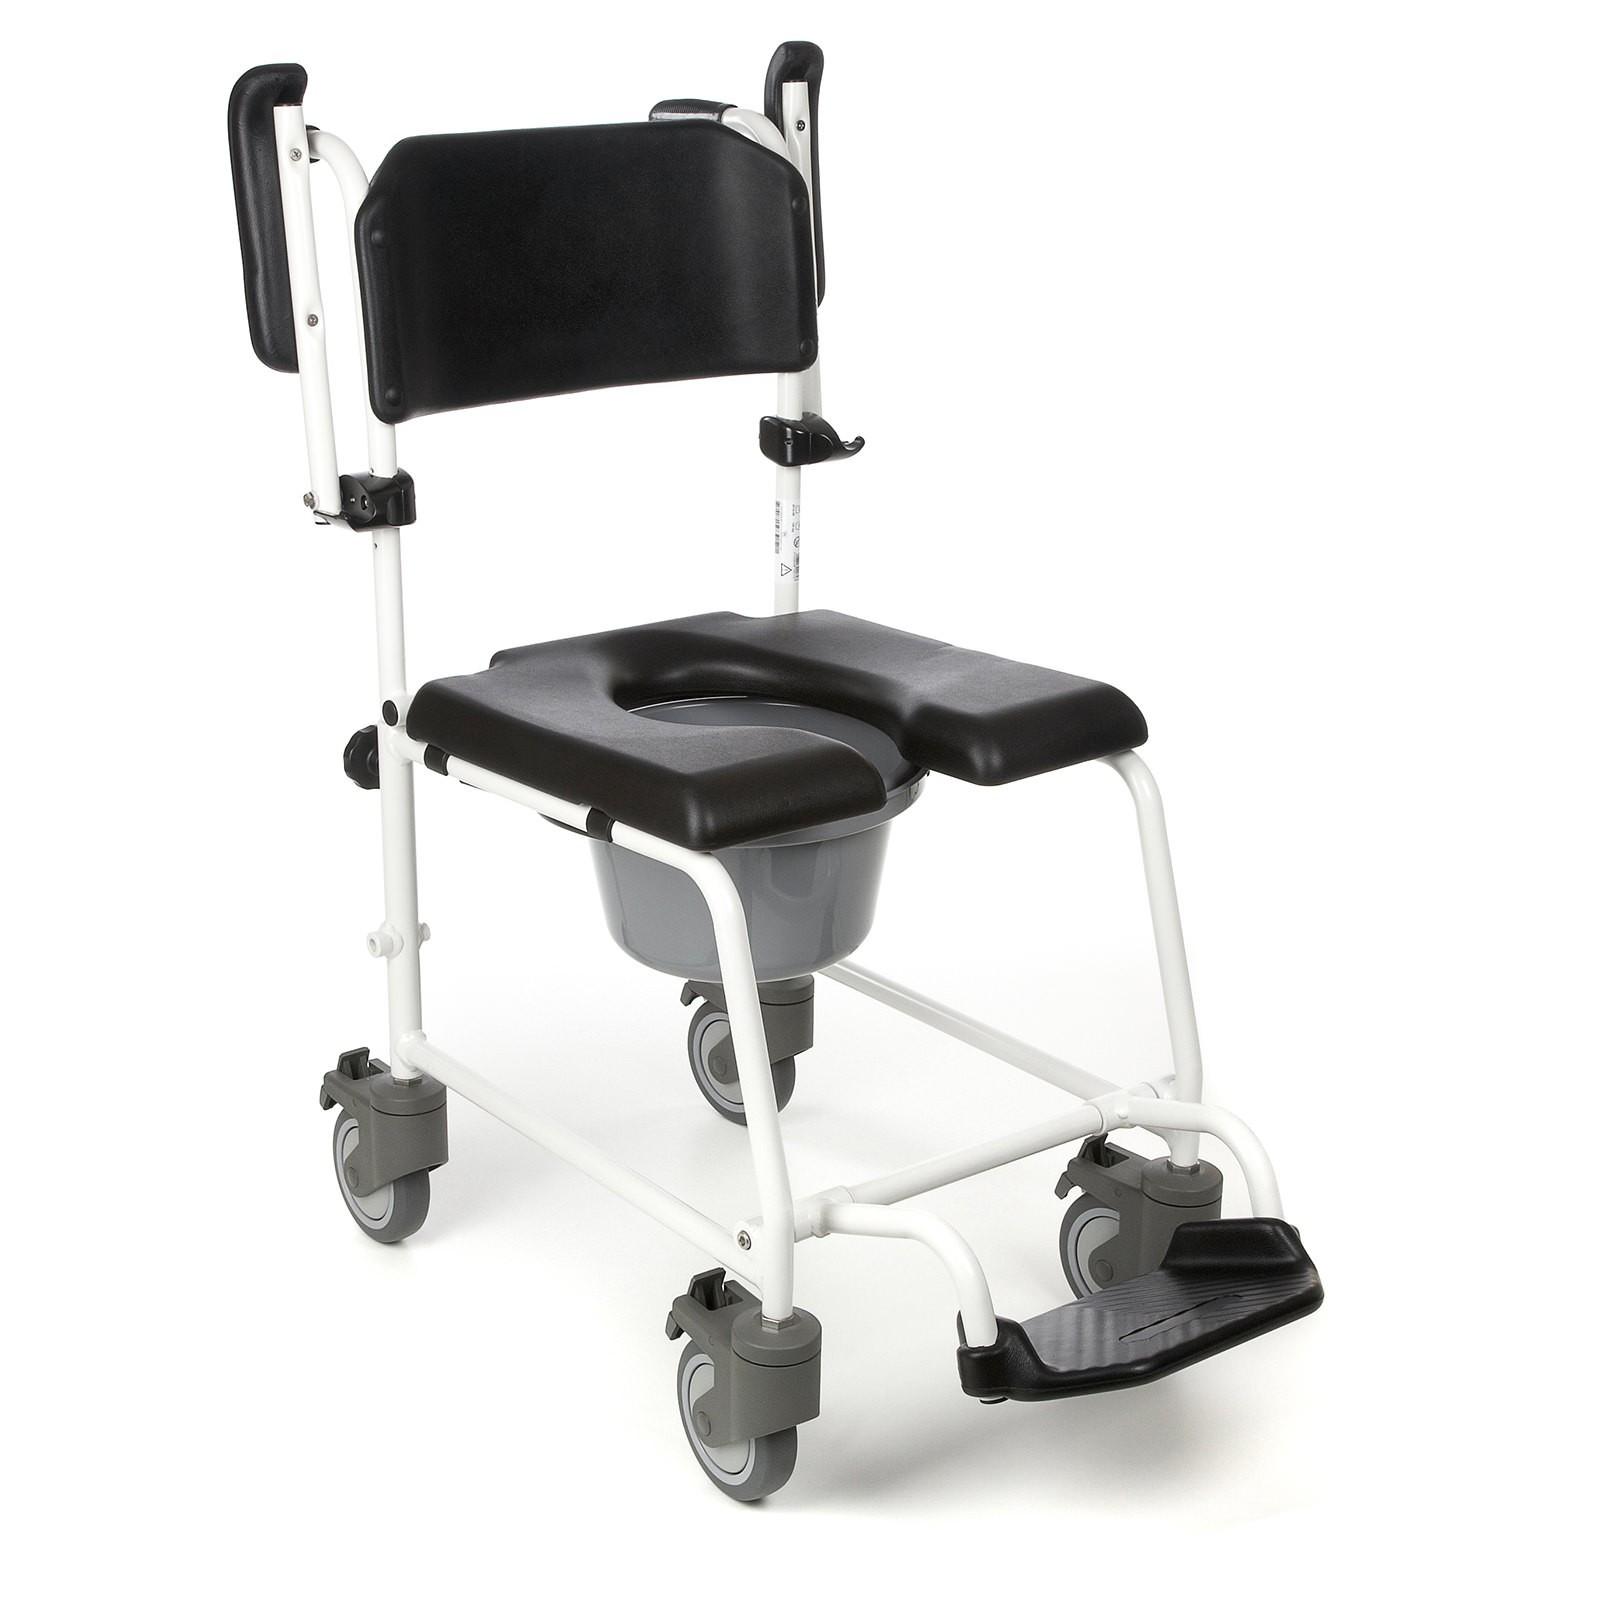 Sedia da doccia cascade h243 invacare - Sedia da bagno per disabili ...